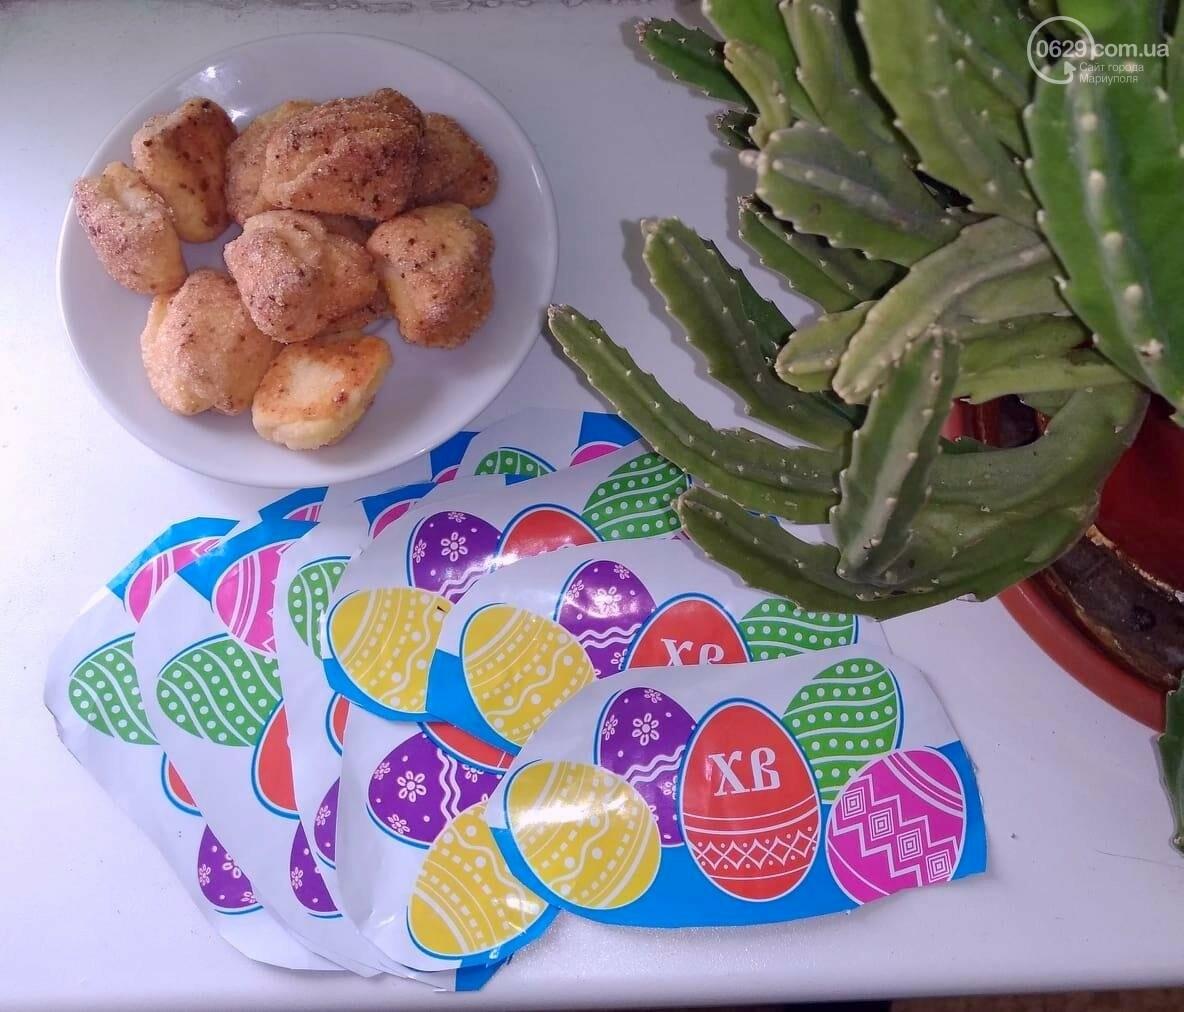 Вкусные подарки к Пасхе от Мариупольского молокозавода!, фото-15